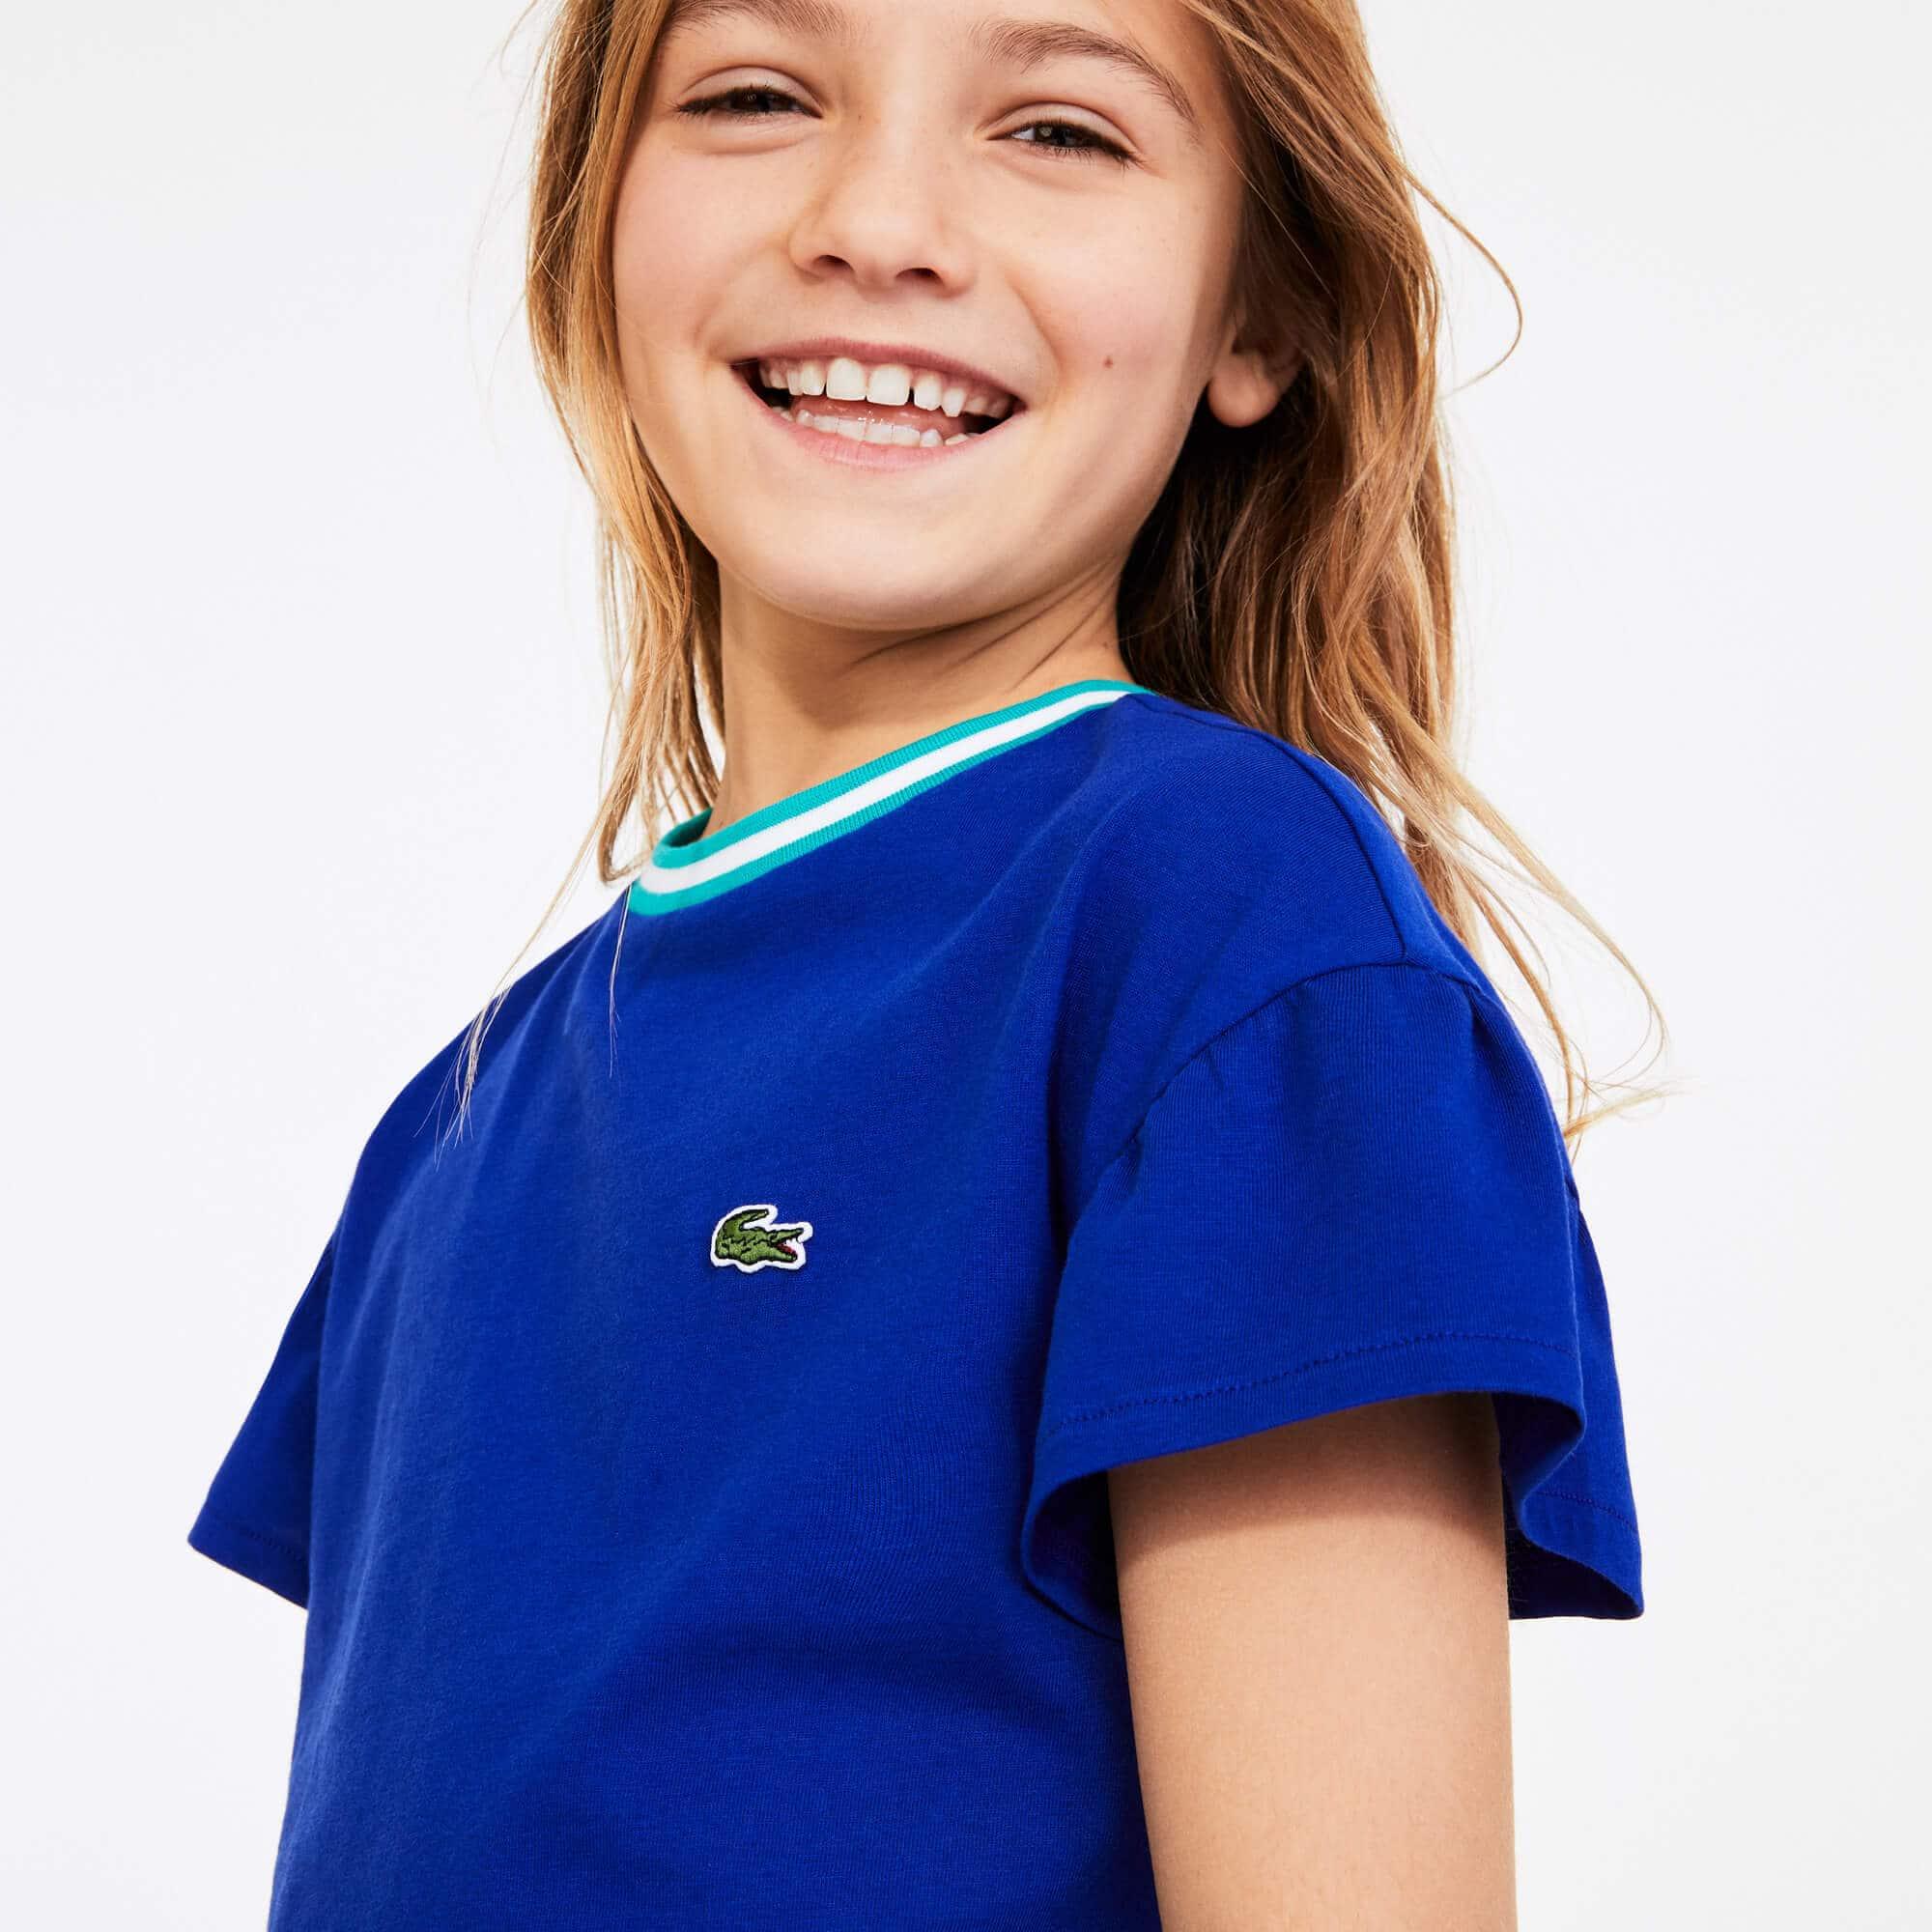 라코스테 Lacoste Girls Striped Crew Neck Cotton T-shirt,Blue / Green / White • E7T